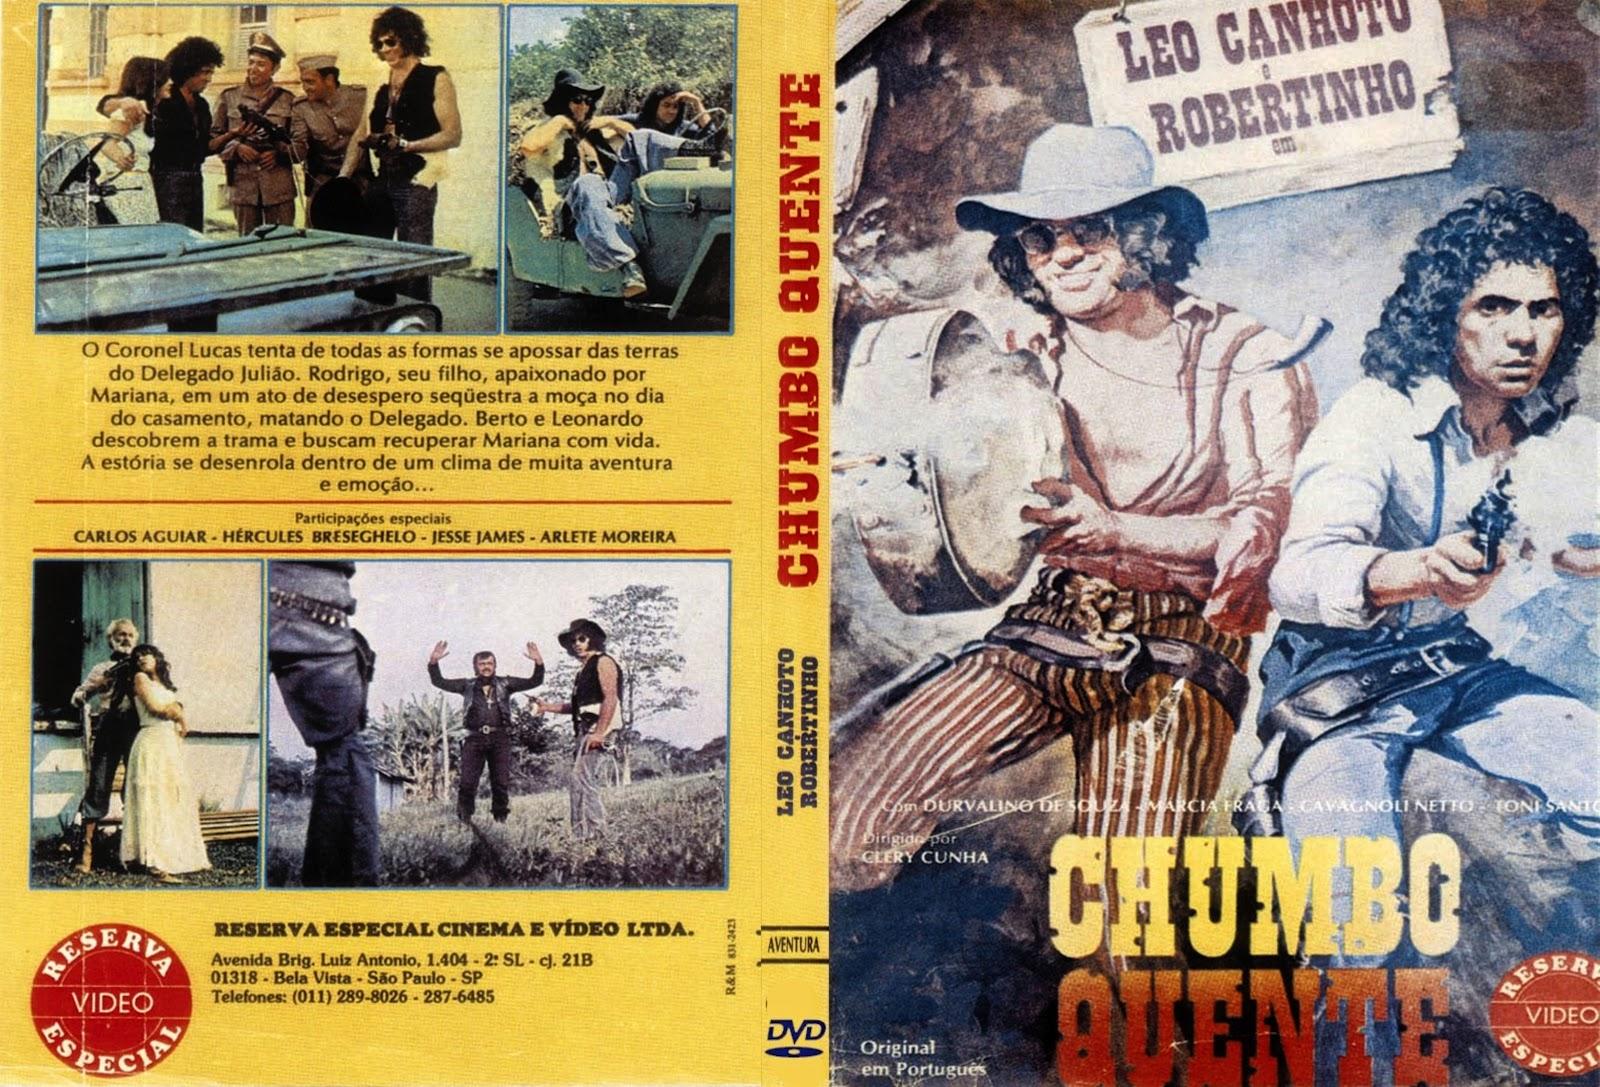 Leo Canhoto e Robertinho Chumbo Quente o Filme  Leo Canhoto  e Robertinho   Chumbo Quente